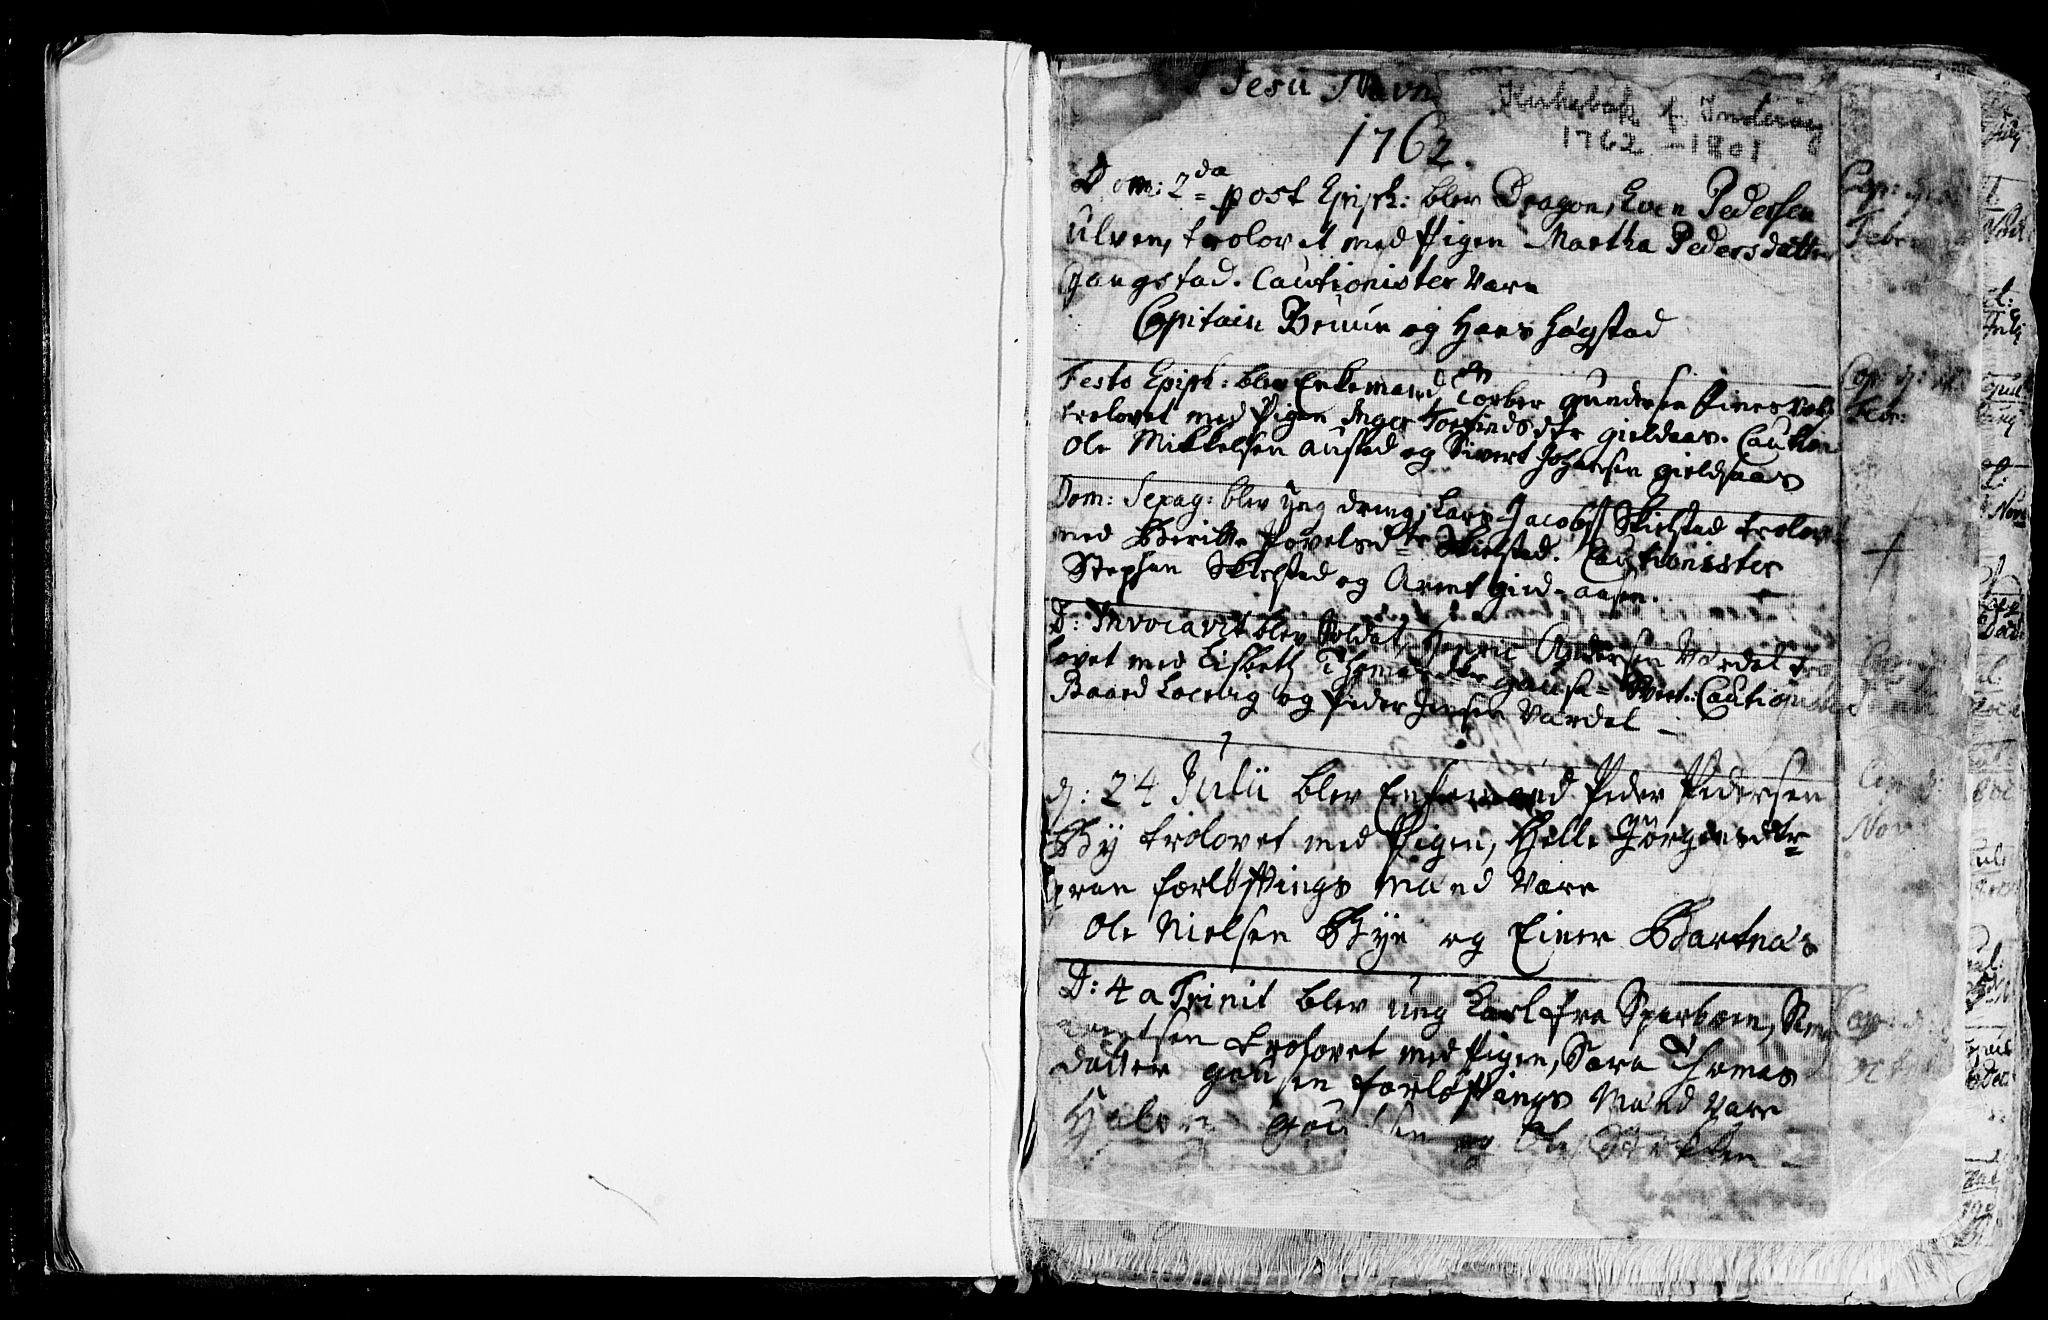 SAT, Ministerialprotokoller, klokkerbøker og fødselsregistre - Nord-Trøndelag, 730/L0273: Ministerialbok nr. 730A02, 1762-1802, s. 1